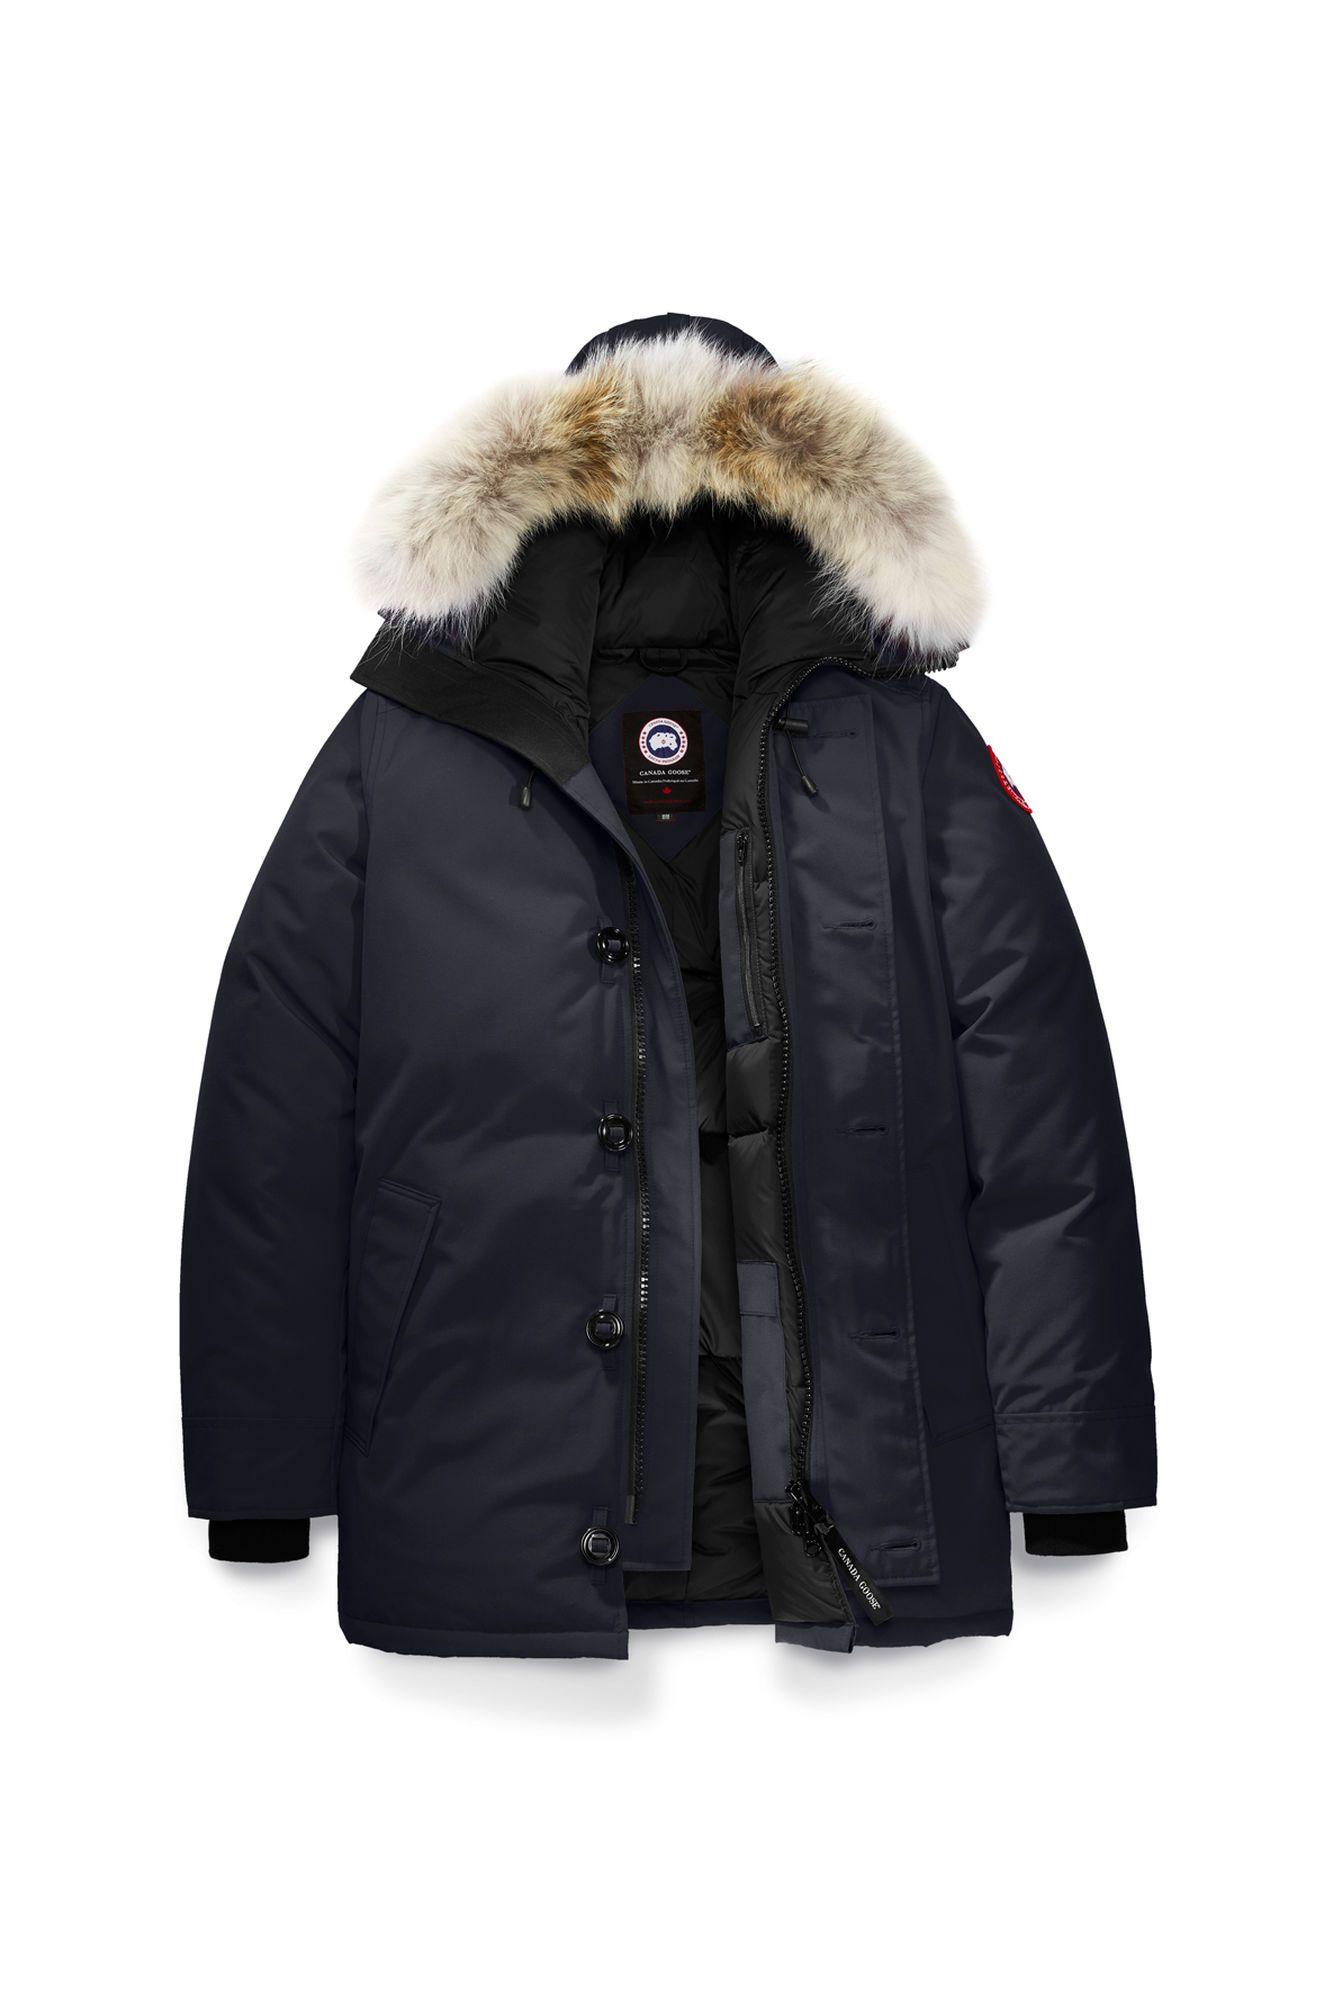 canada goose arctic program parka